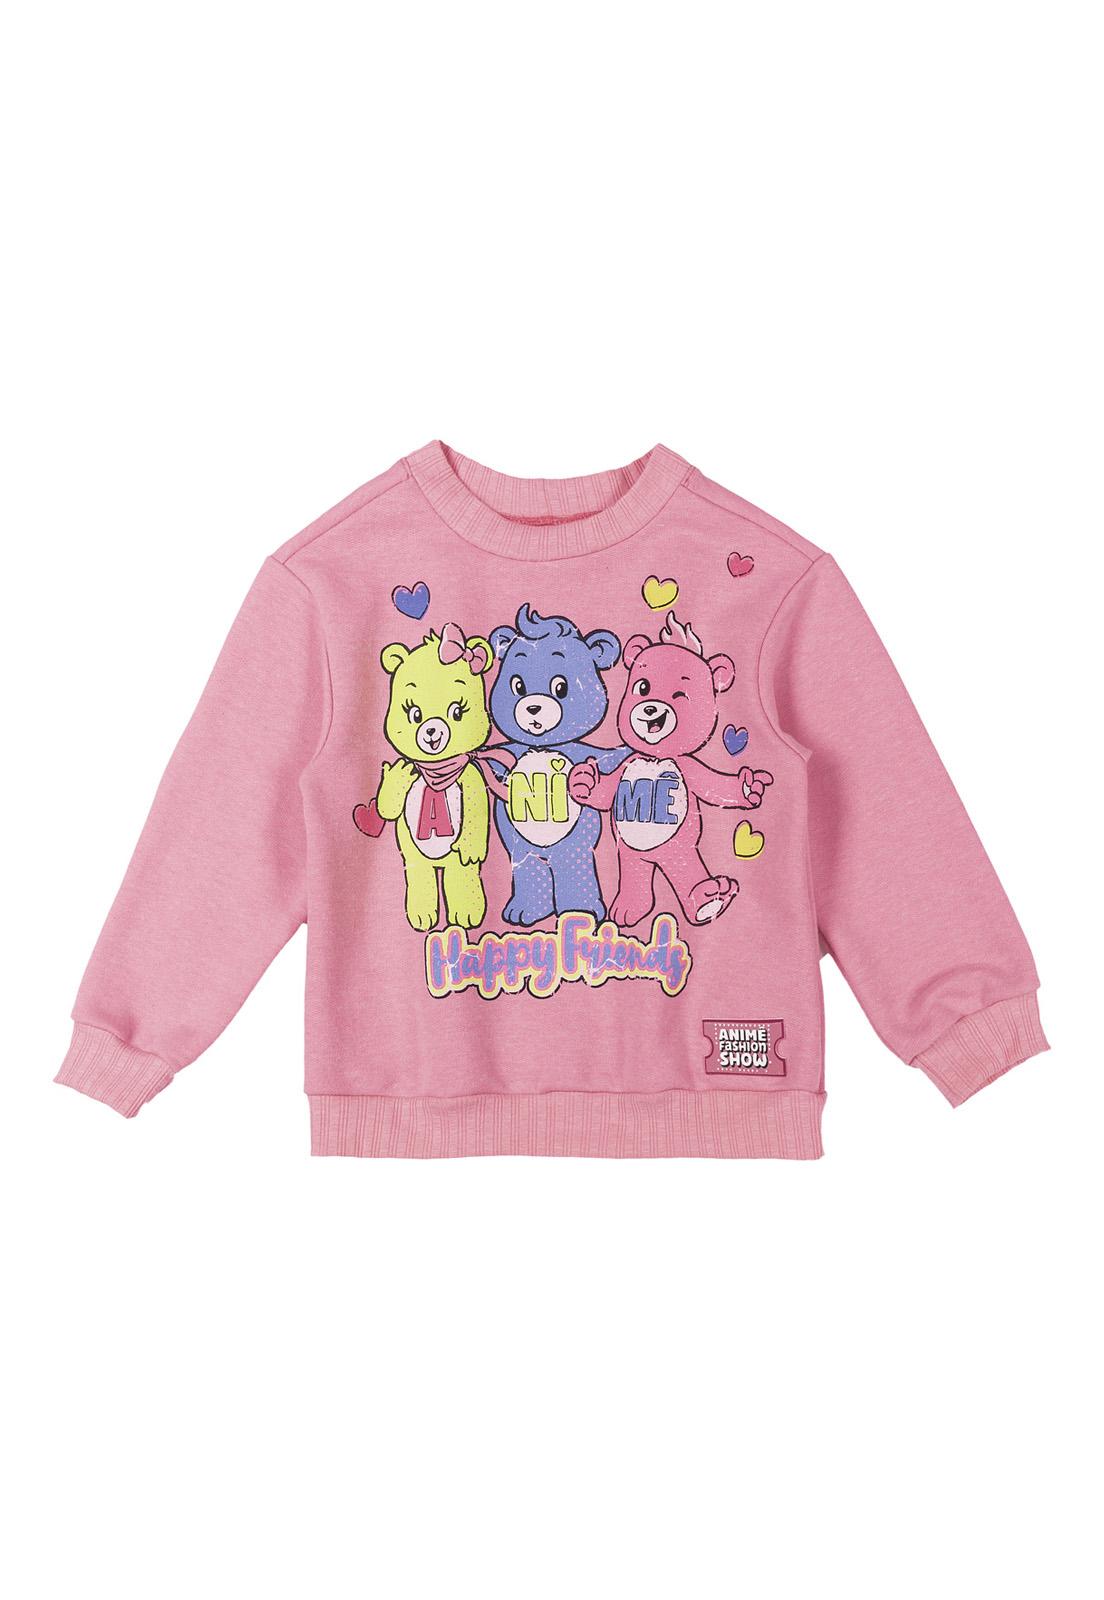 Blusão Moletom Rosa com Arte Ursinhos Carinhosos Animê